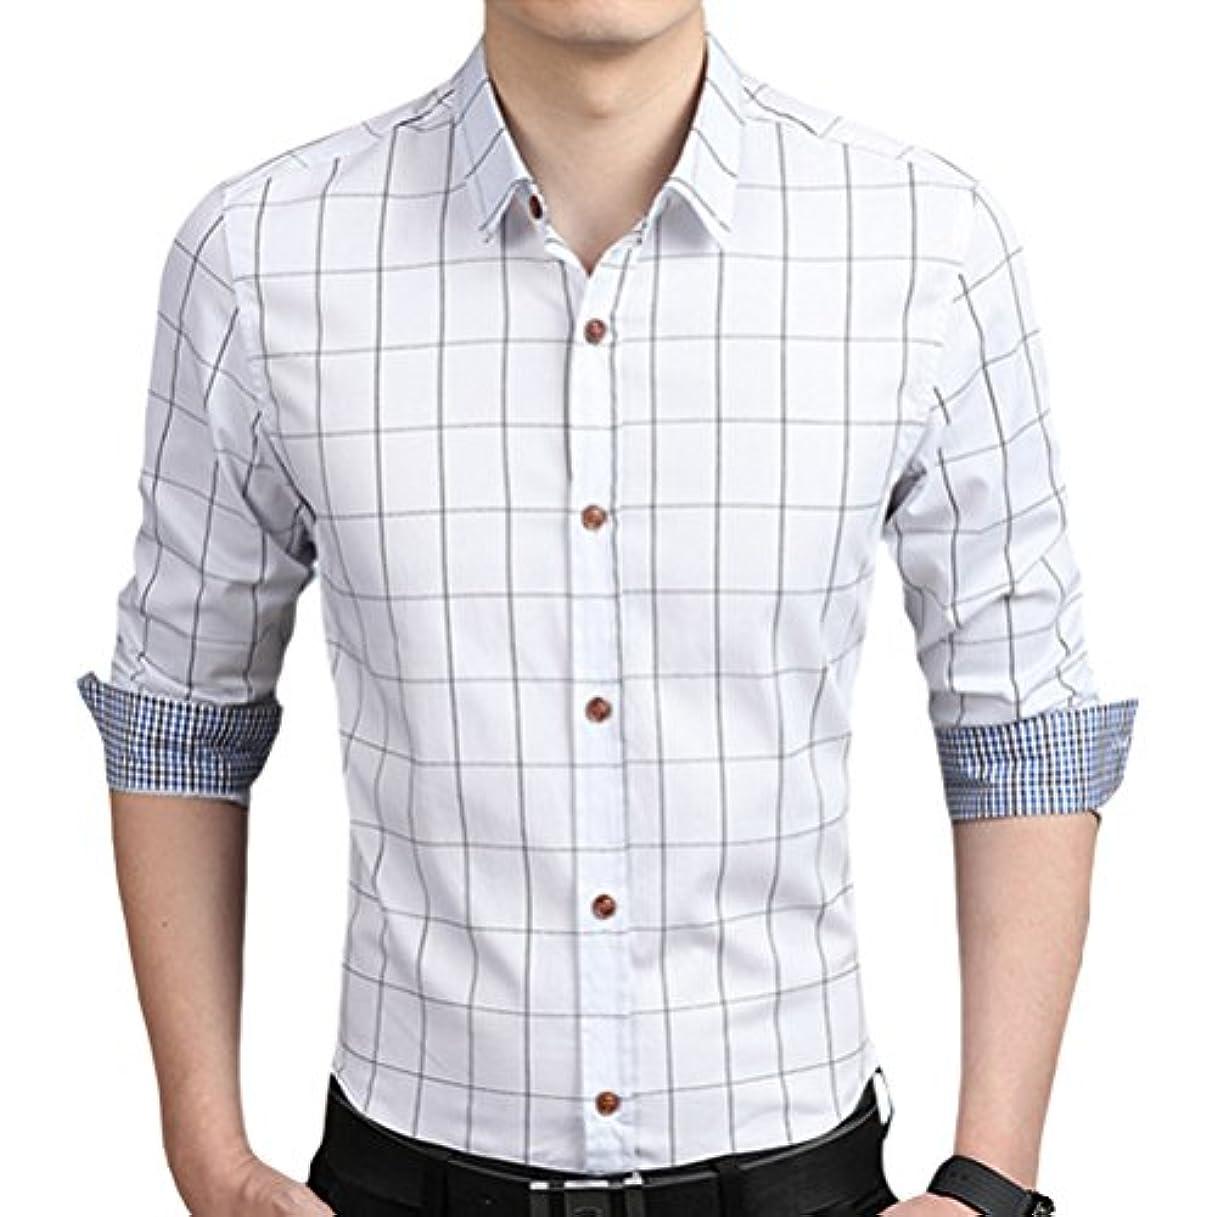 竜巻蓮愛国的な輝姫 ブラウス  チェック柄  折り袖 長袖  ボタン  メンズ  シャツ カジュアル  ビジネス  スリム ファッション (2XL, ホワイト)